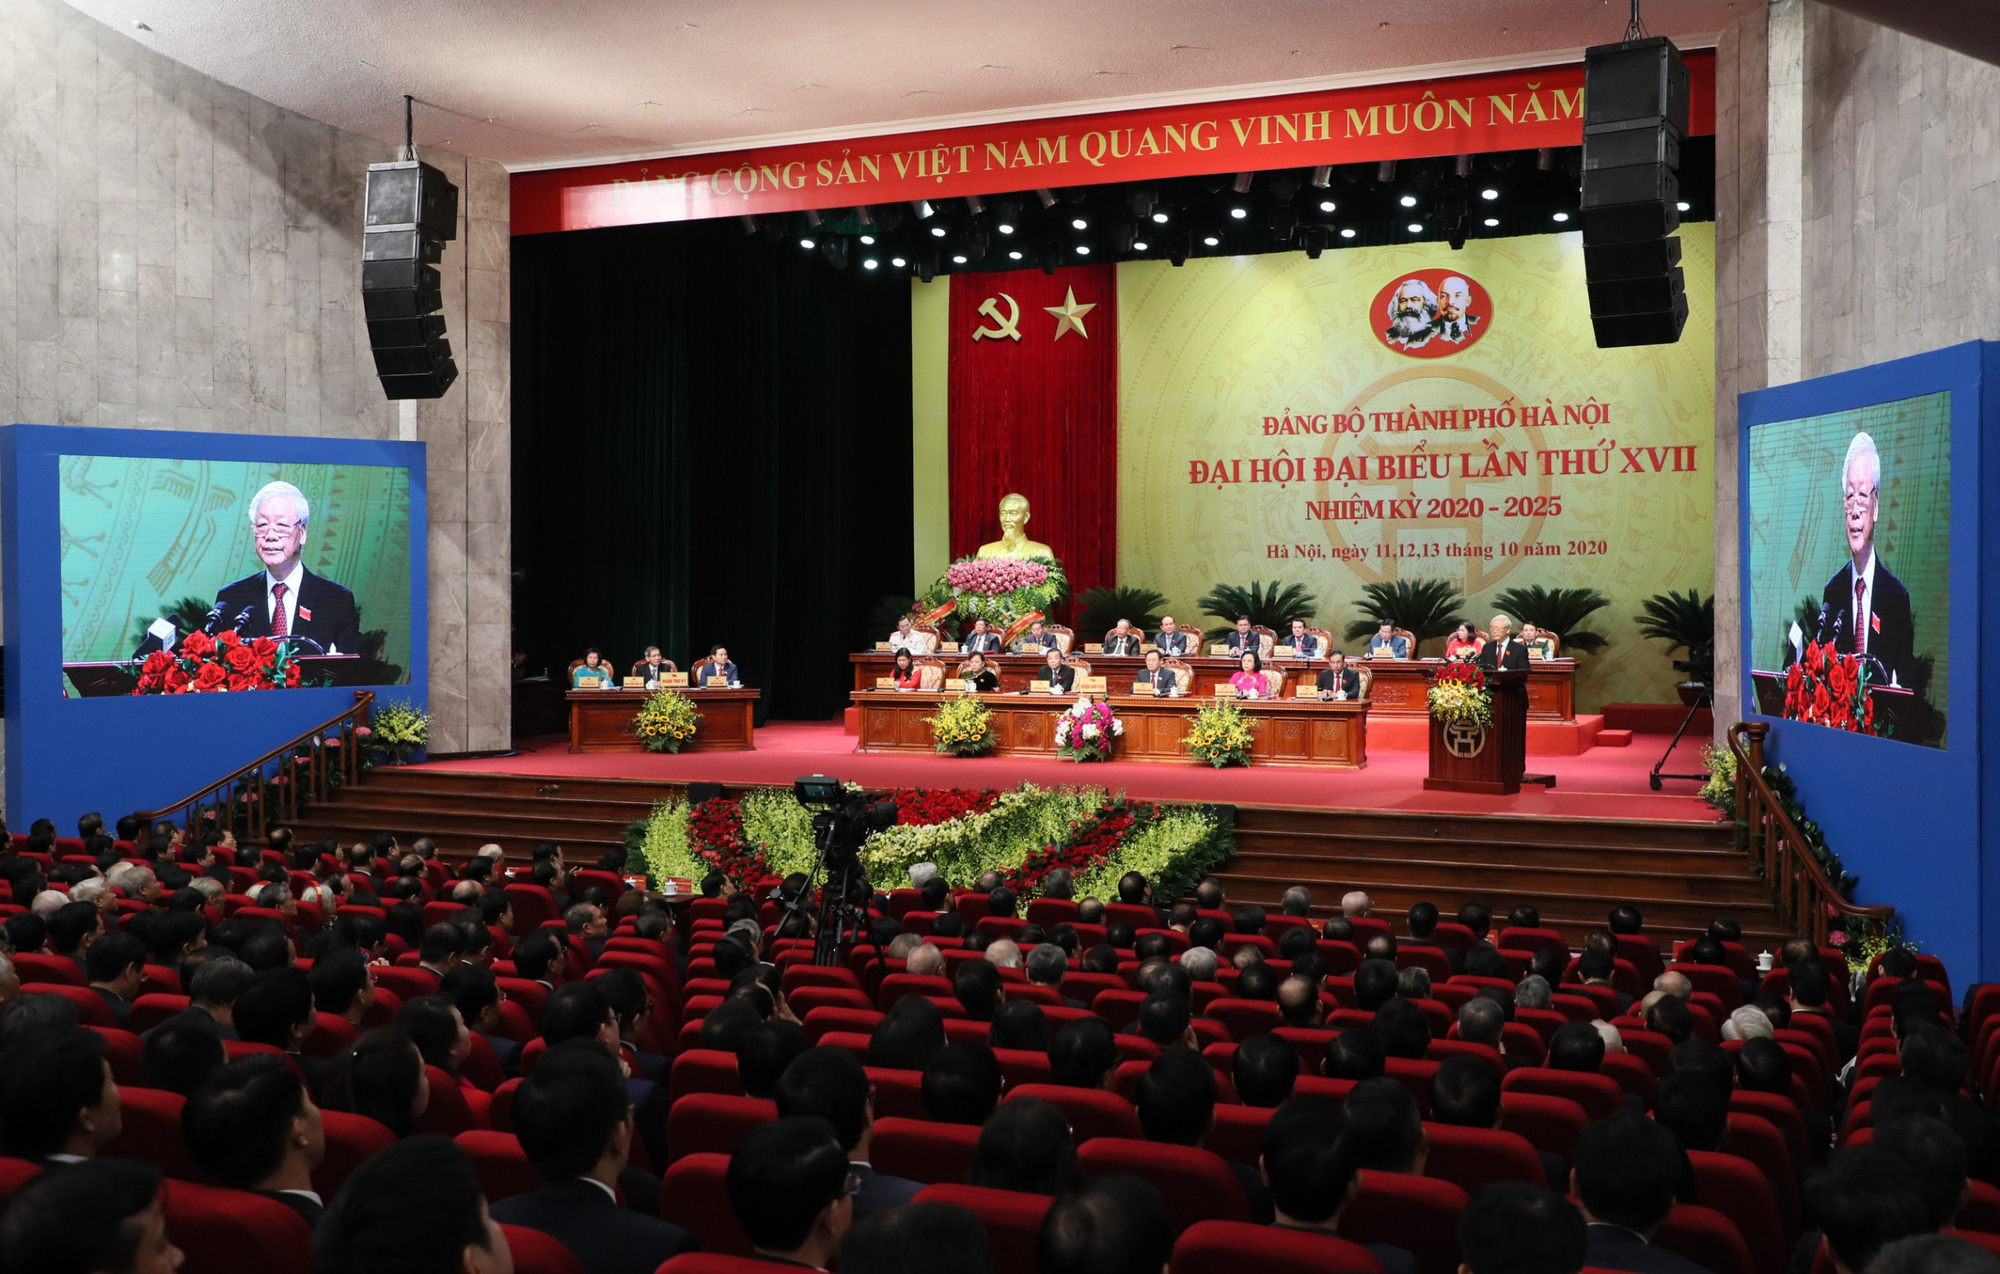 Tổng Bí thư, Chủ tịch nước đề nghị Hà Nội sáng suốt lựa chọn những người thực sự tiêu biểu - Ảnh 2.